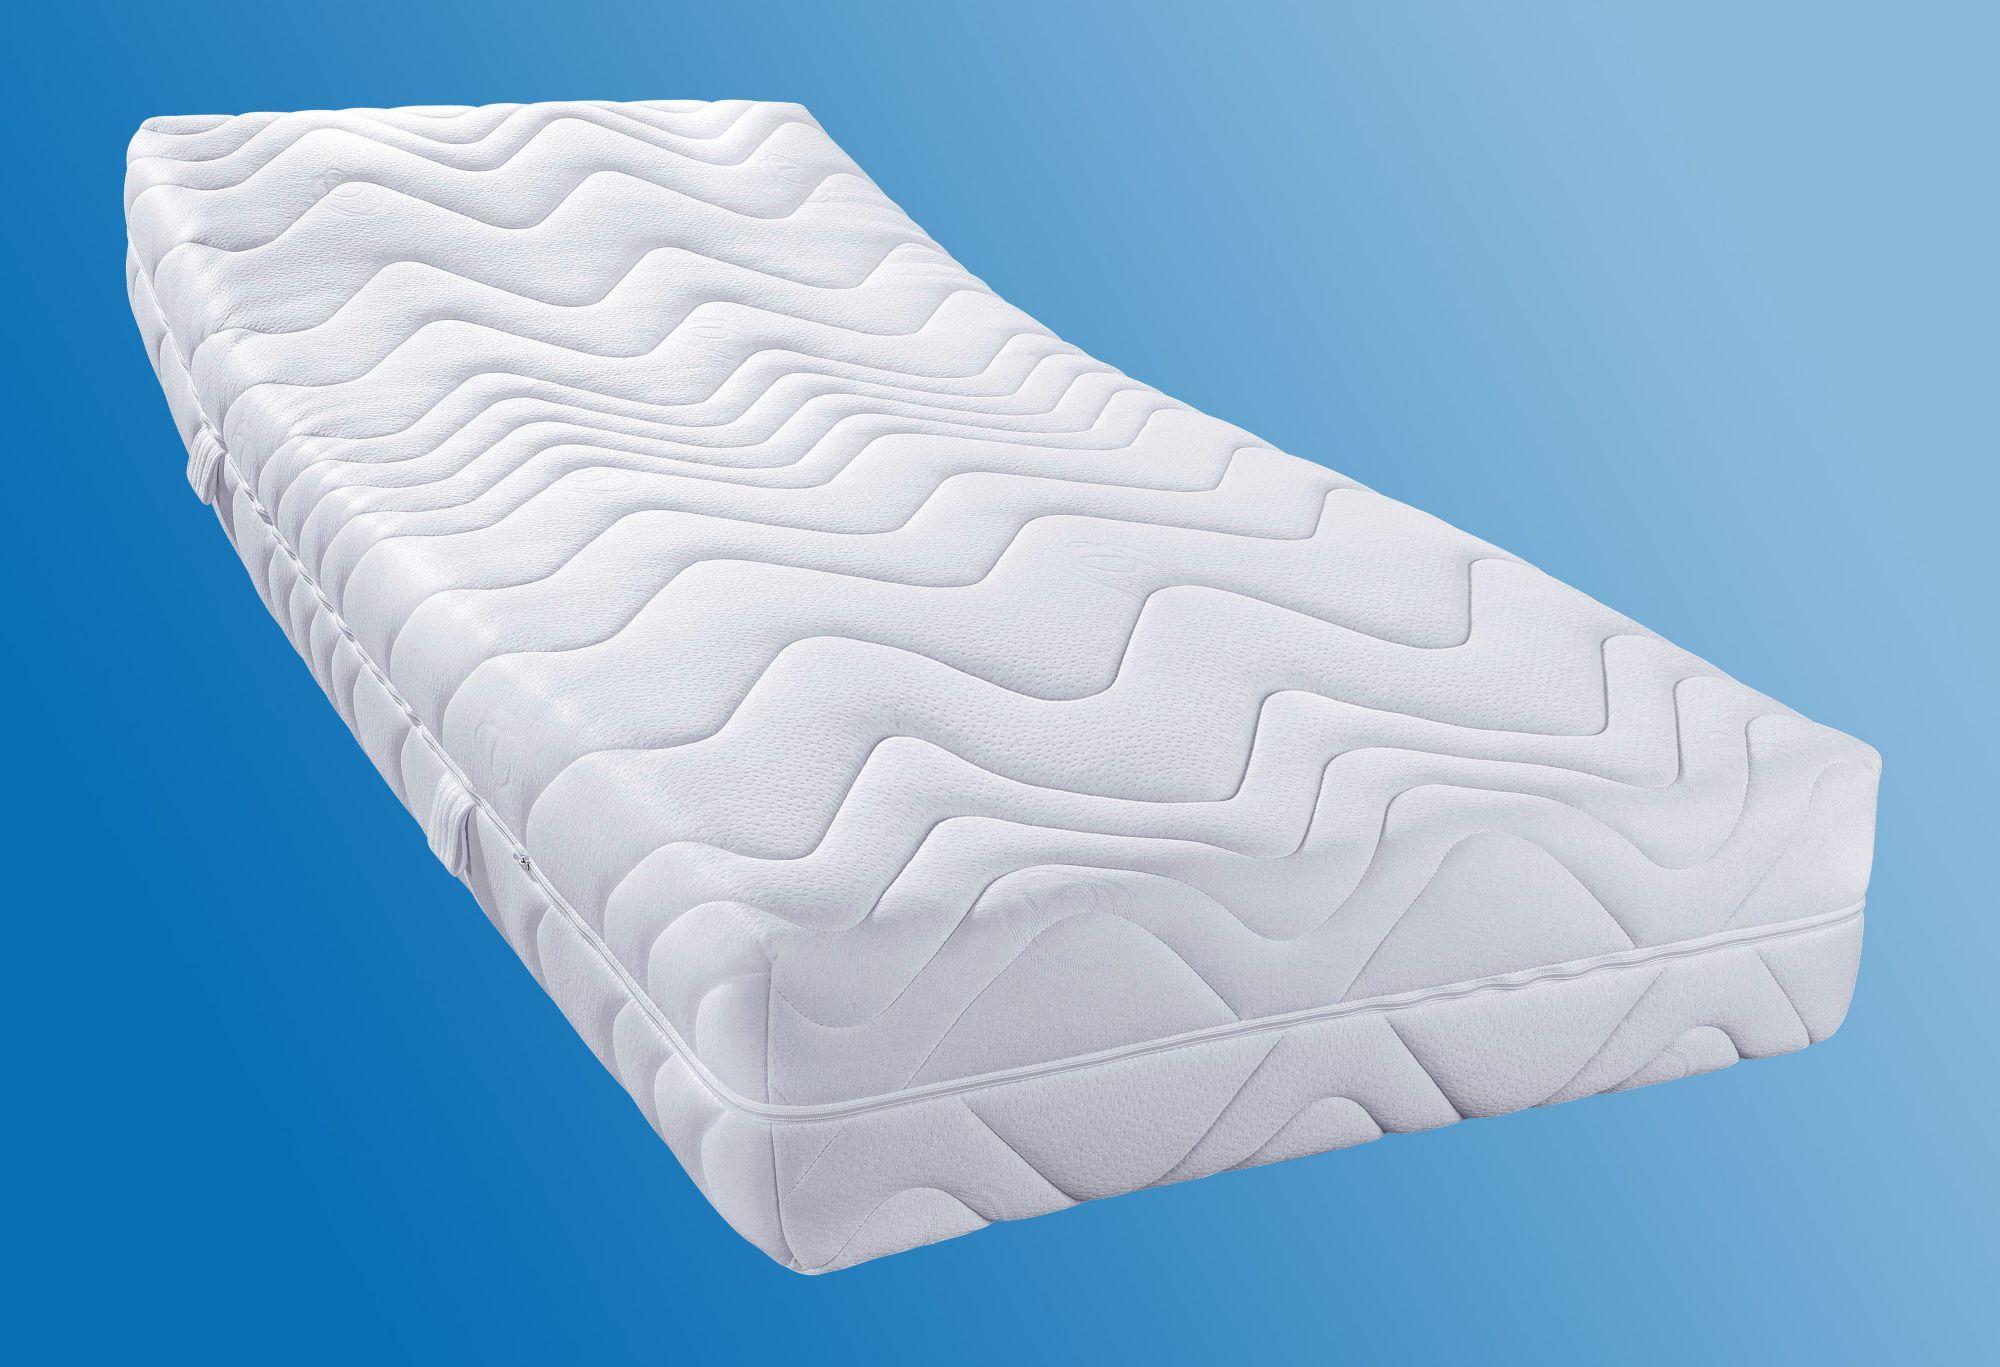 BECO Komfortschaummatratze, »Luxuria KS«, BeCo, 20 cm hoch, Raumgewicht: 28